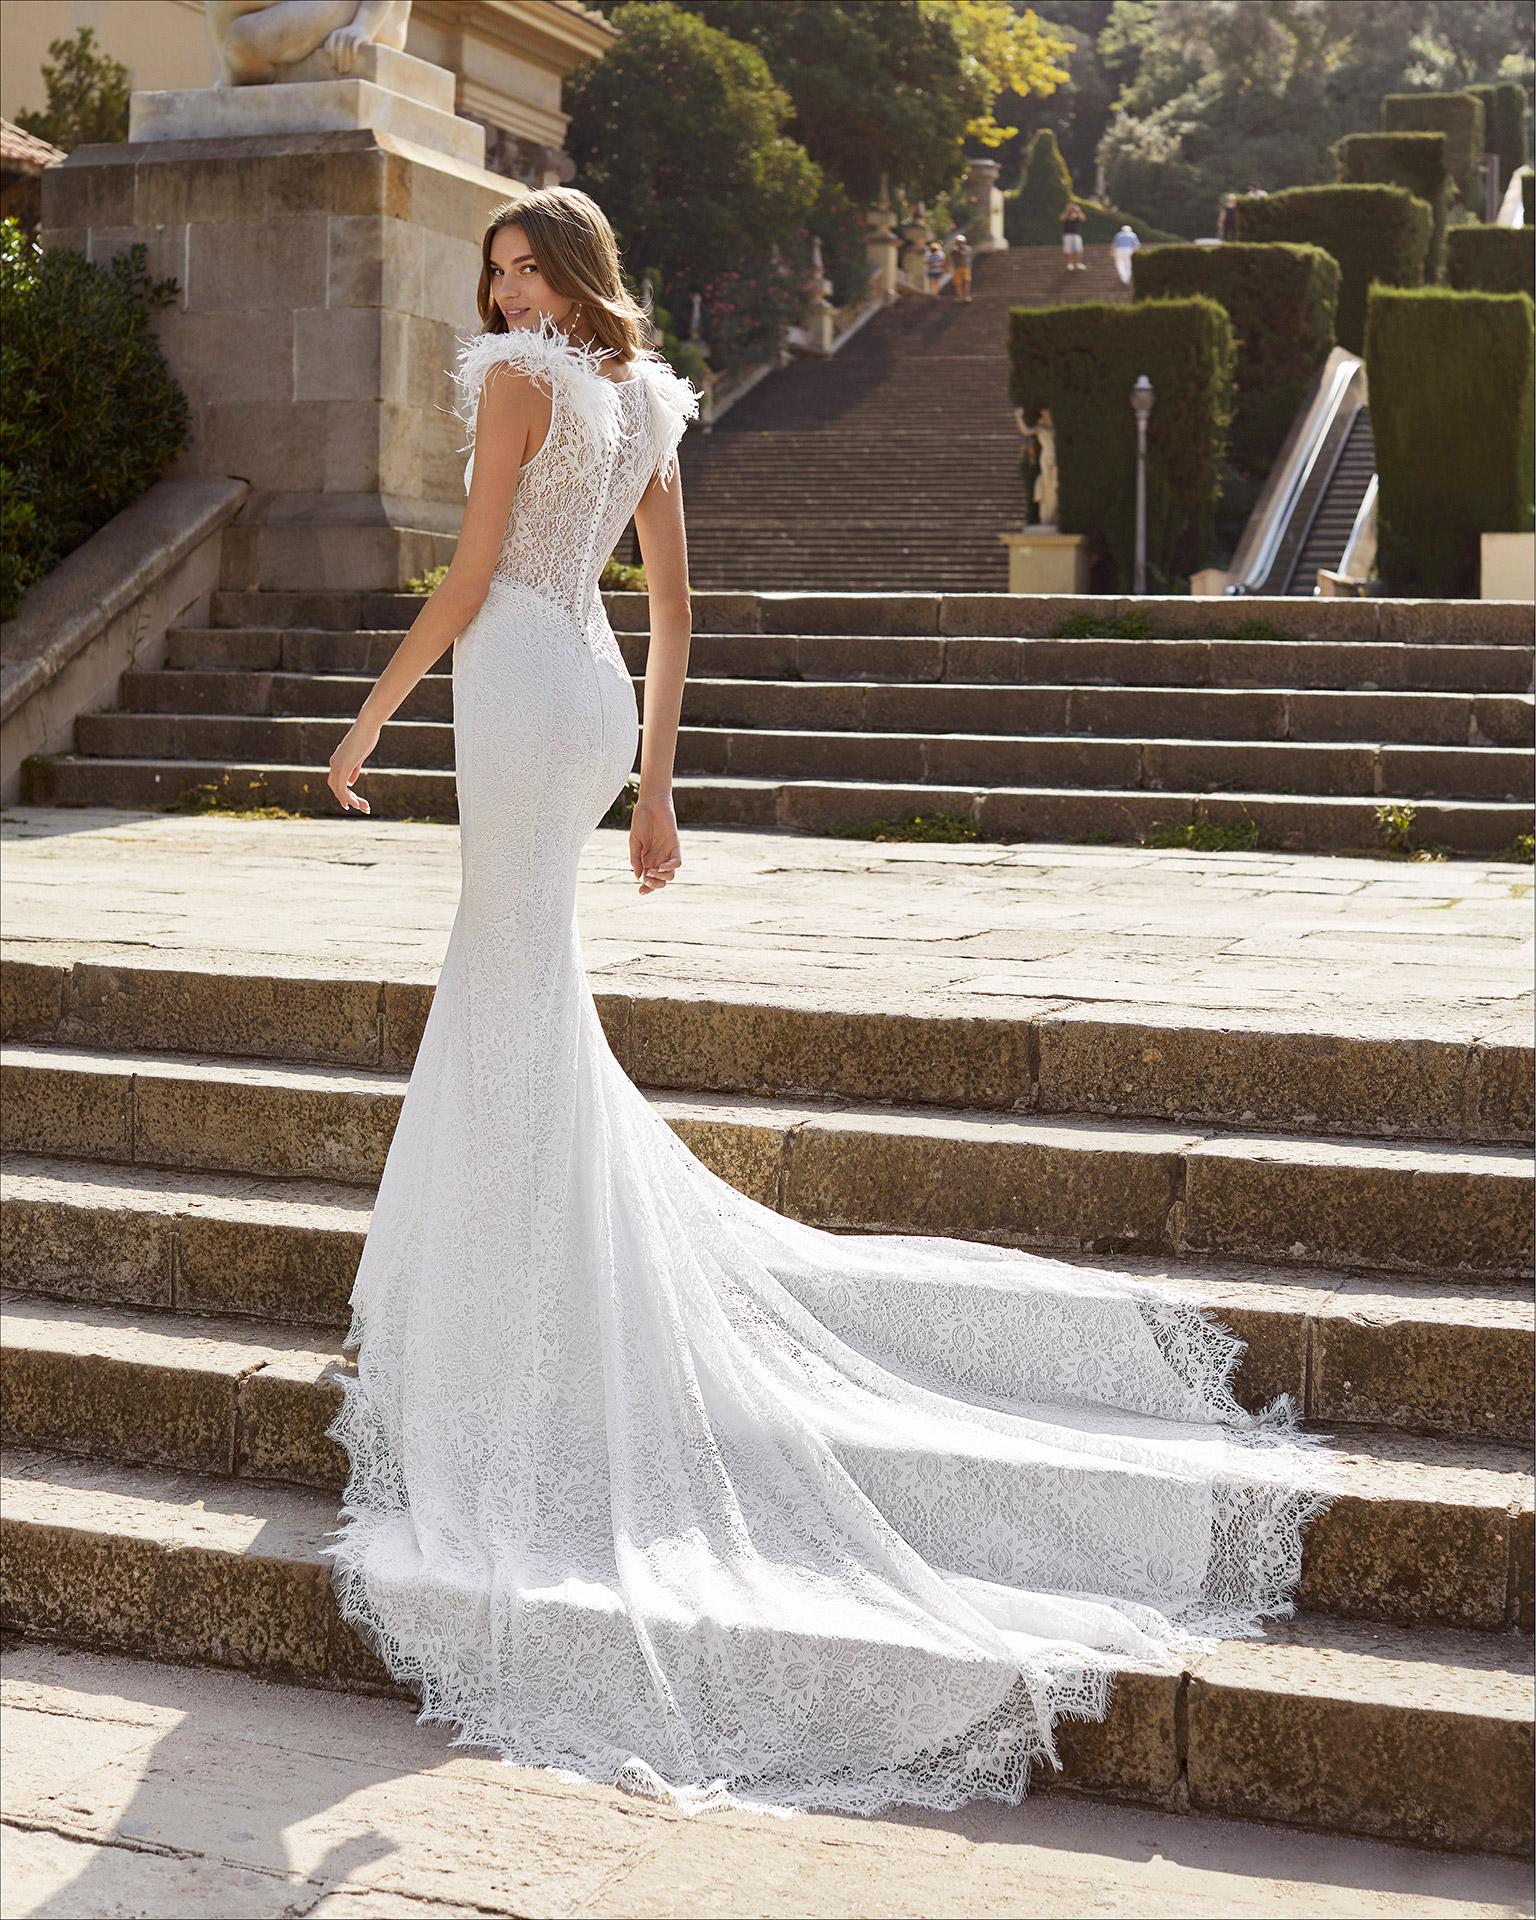 Vestido de novia corte sirena de encaje. Escote en V y espalda cerrada de encaje con plumas en hombros y pedrería en escote, sisas y cintura. Colección  2021.